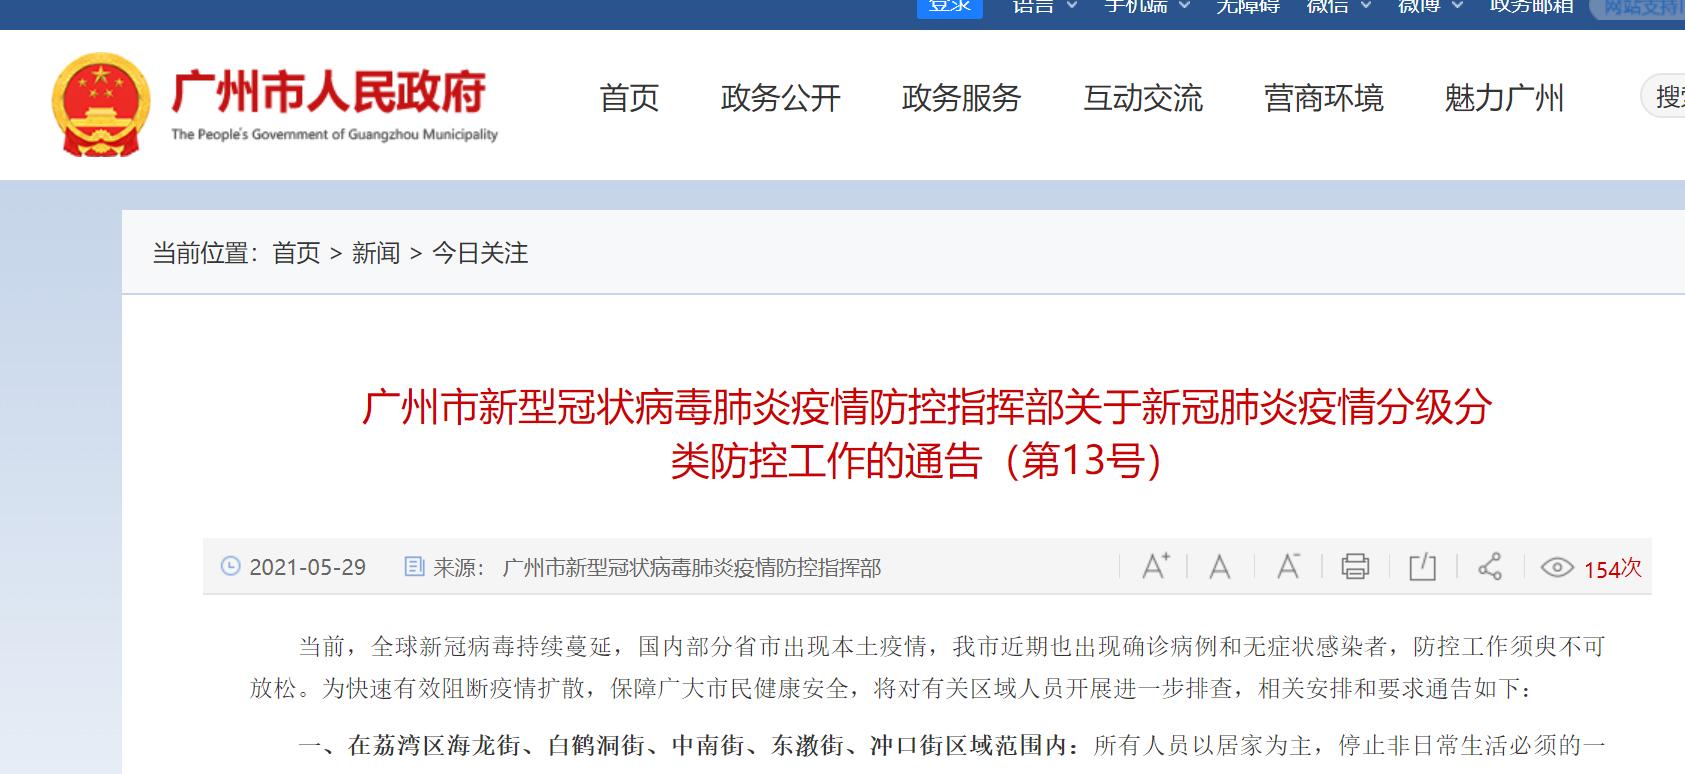 广州市发布最新防疫通告